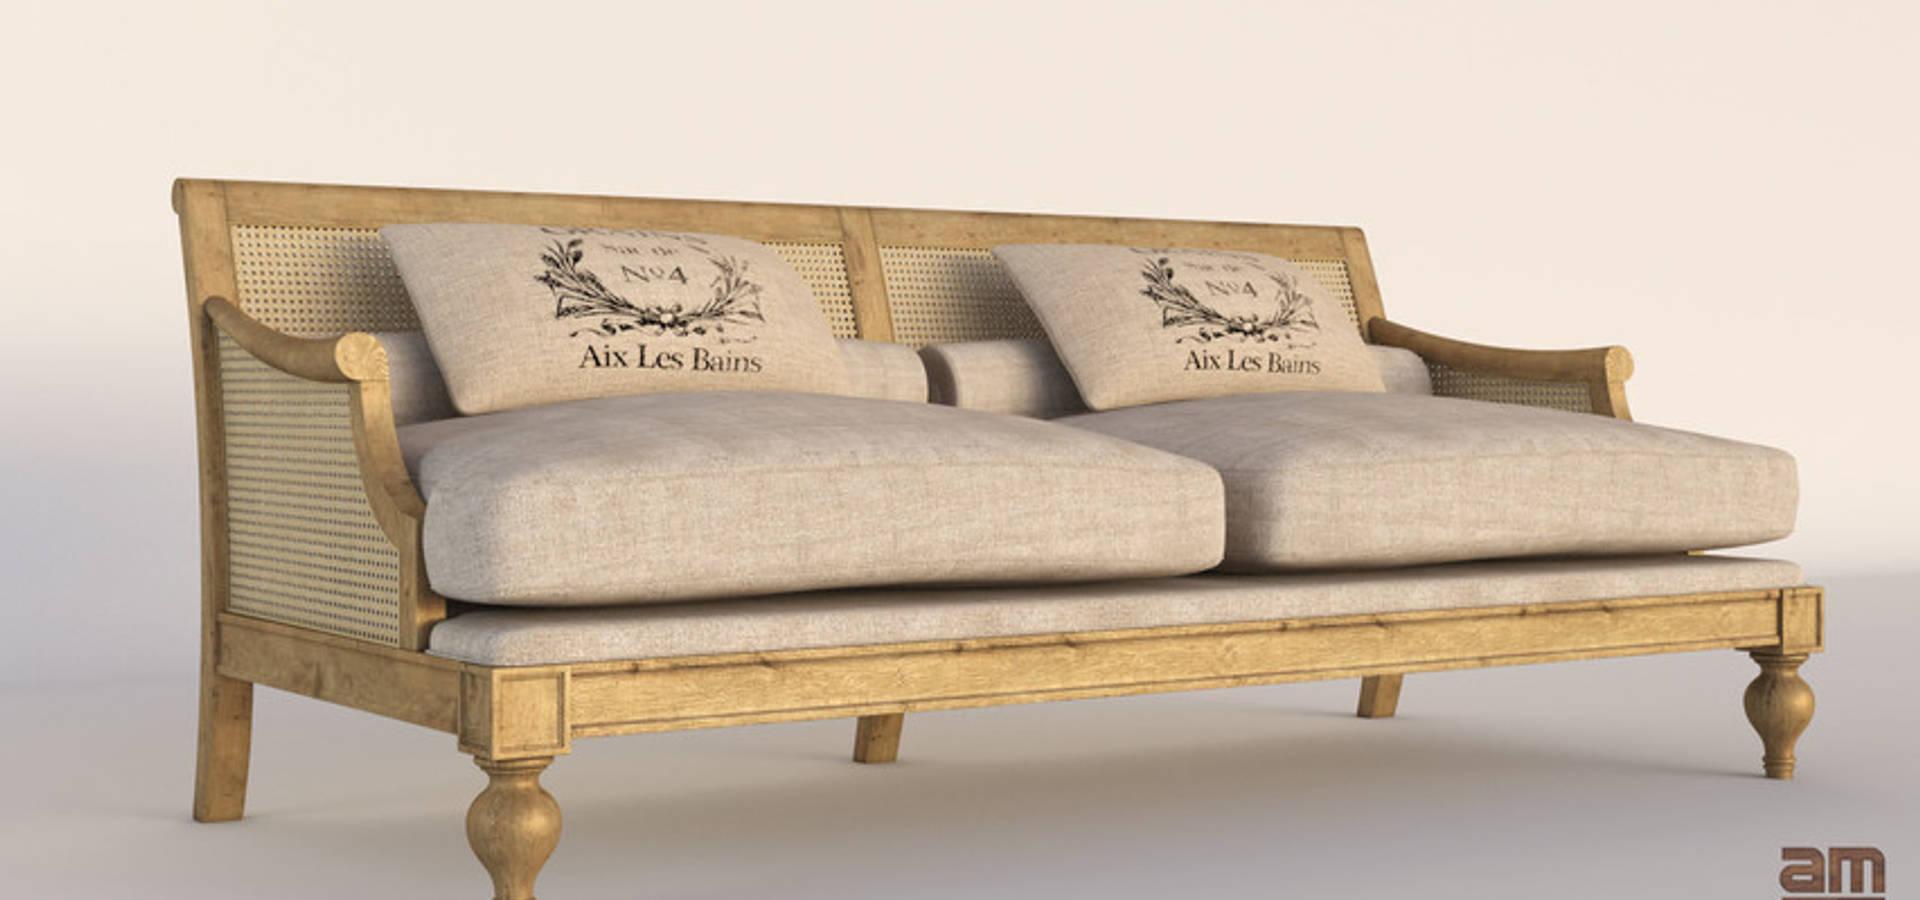 Abel mesa decoradores y dise adores de interiores en - Decoradores de interiores en madrid ...